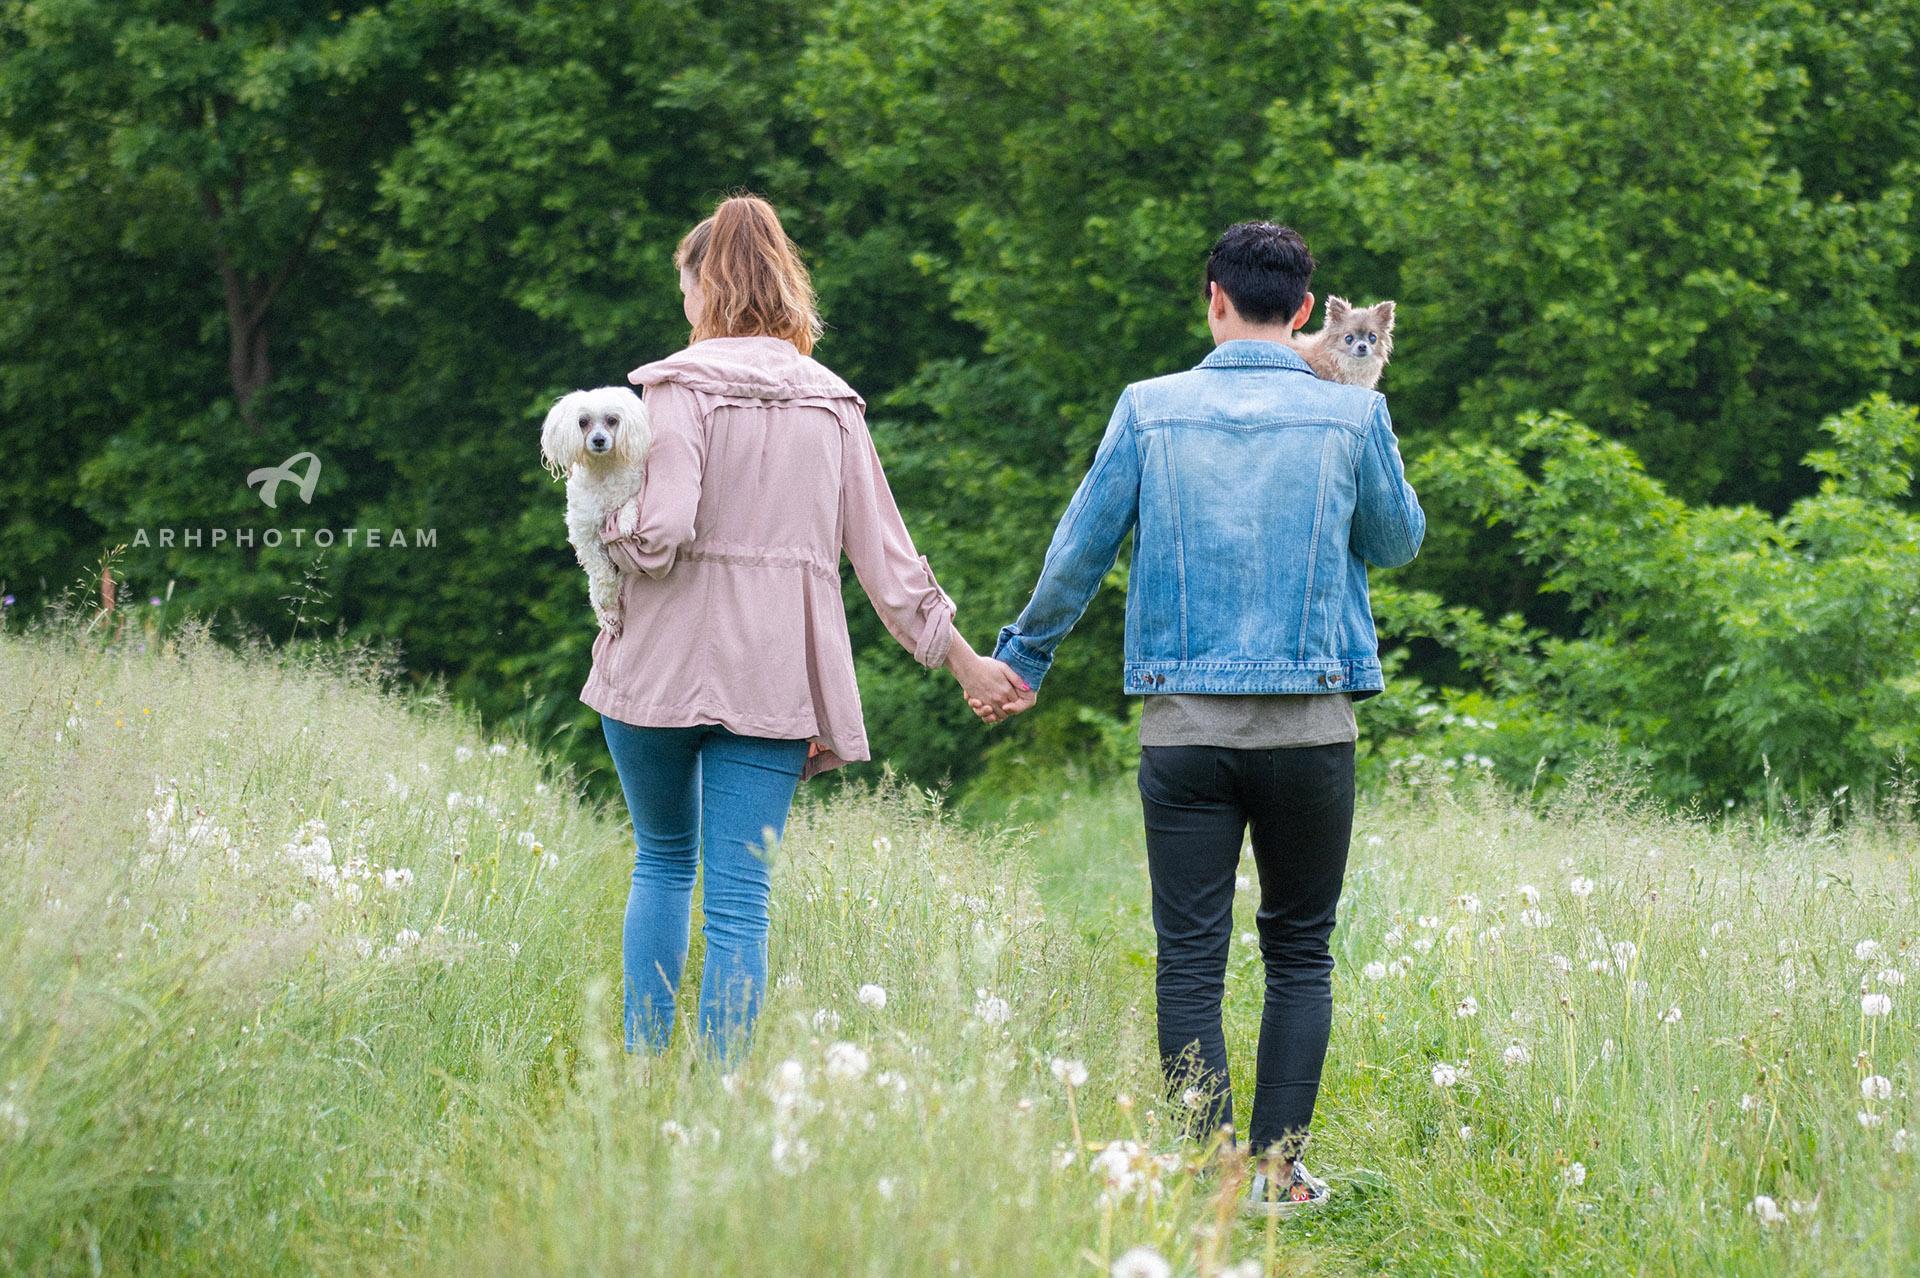 Par s psičkama